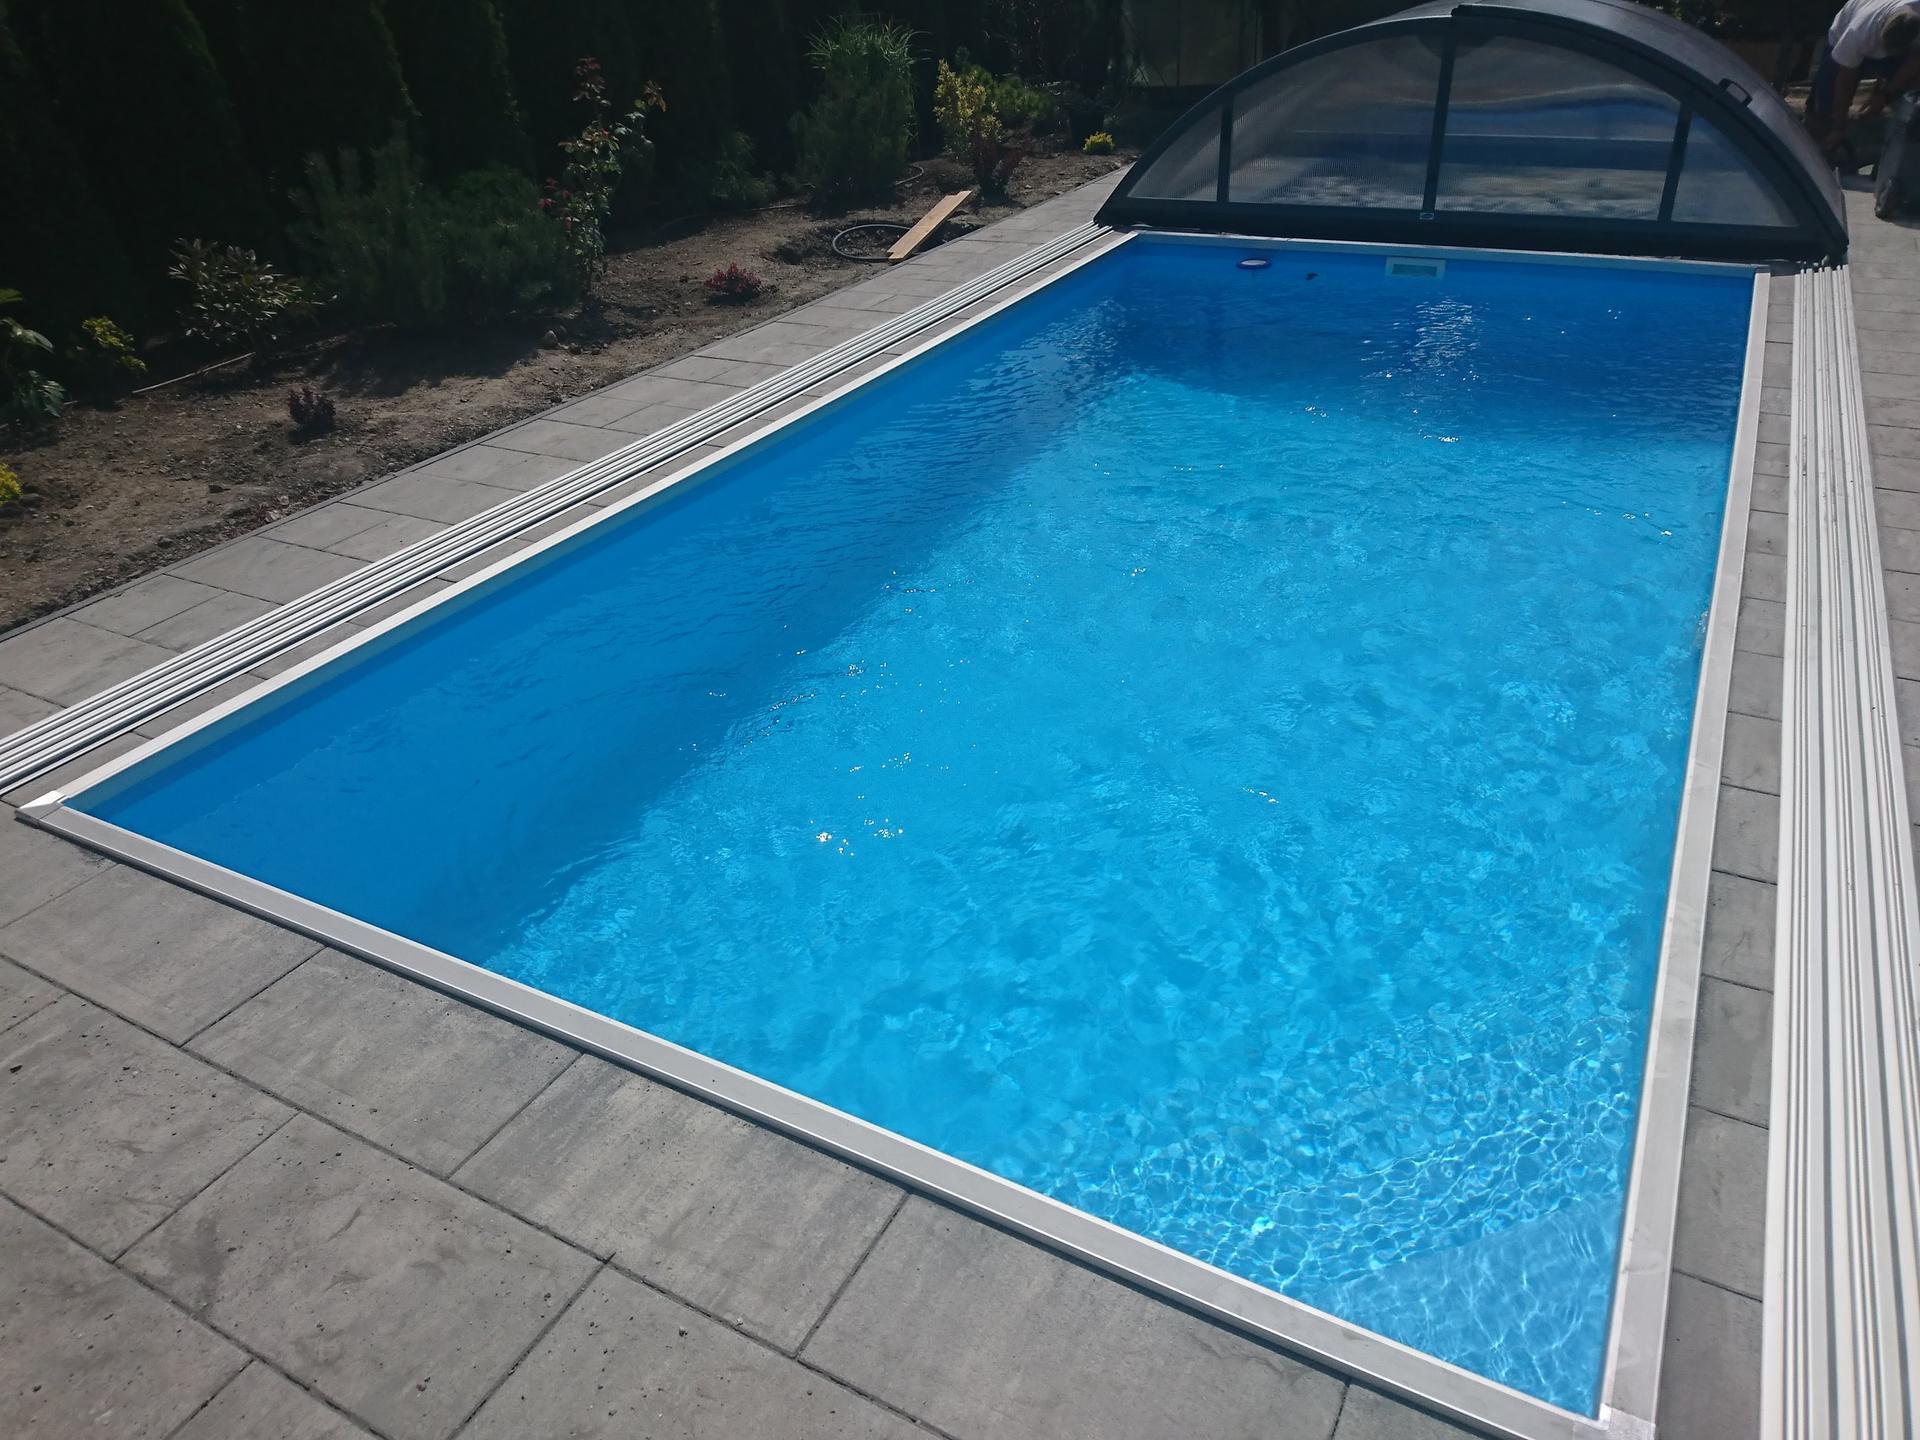 Pooltime Bazén Skimmer + zastrešenie Nová Dedinka - Obrázok č. 3